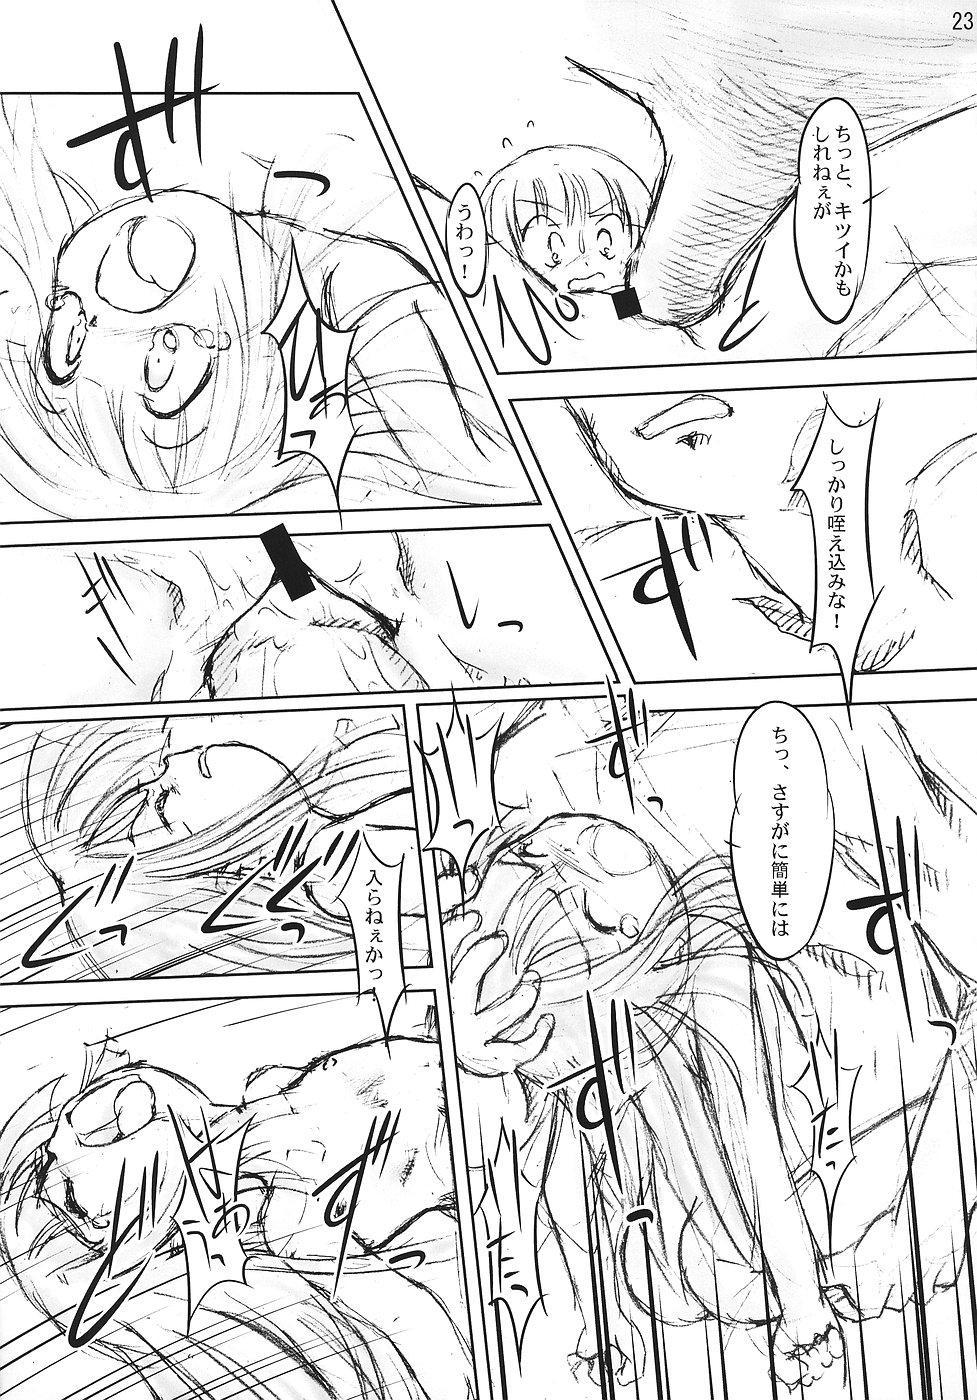 Higurashi no Koe, Ima wa Tae 21